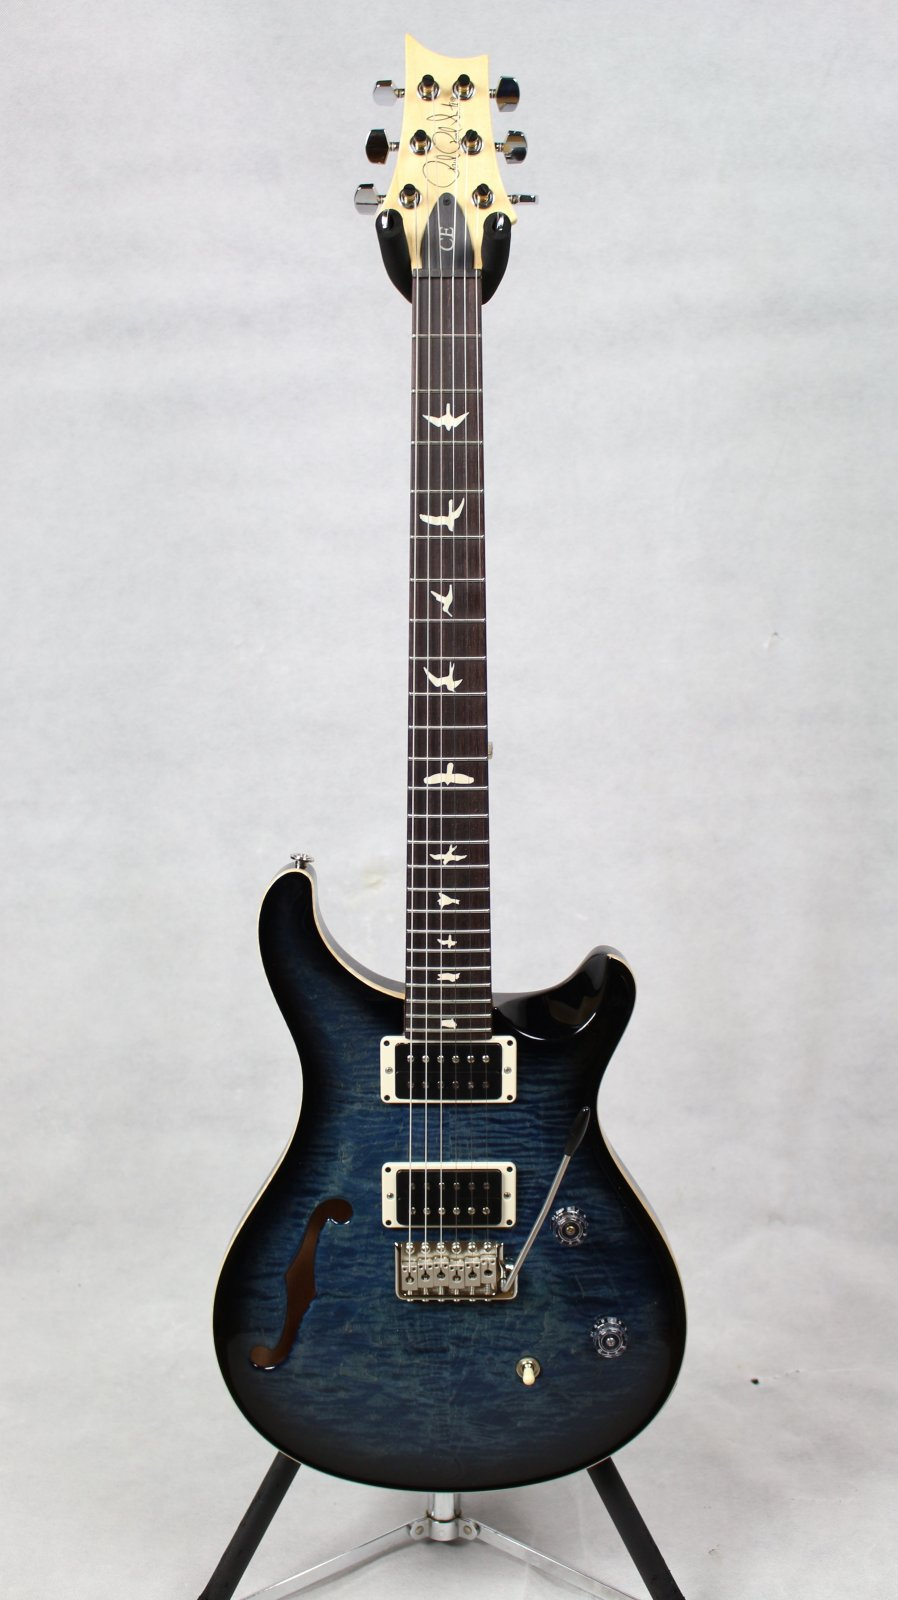 PRS CE24 Semi-Hollow Faded Blue Smokeburst